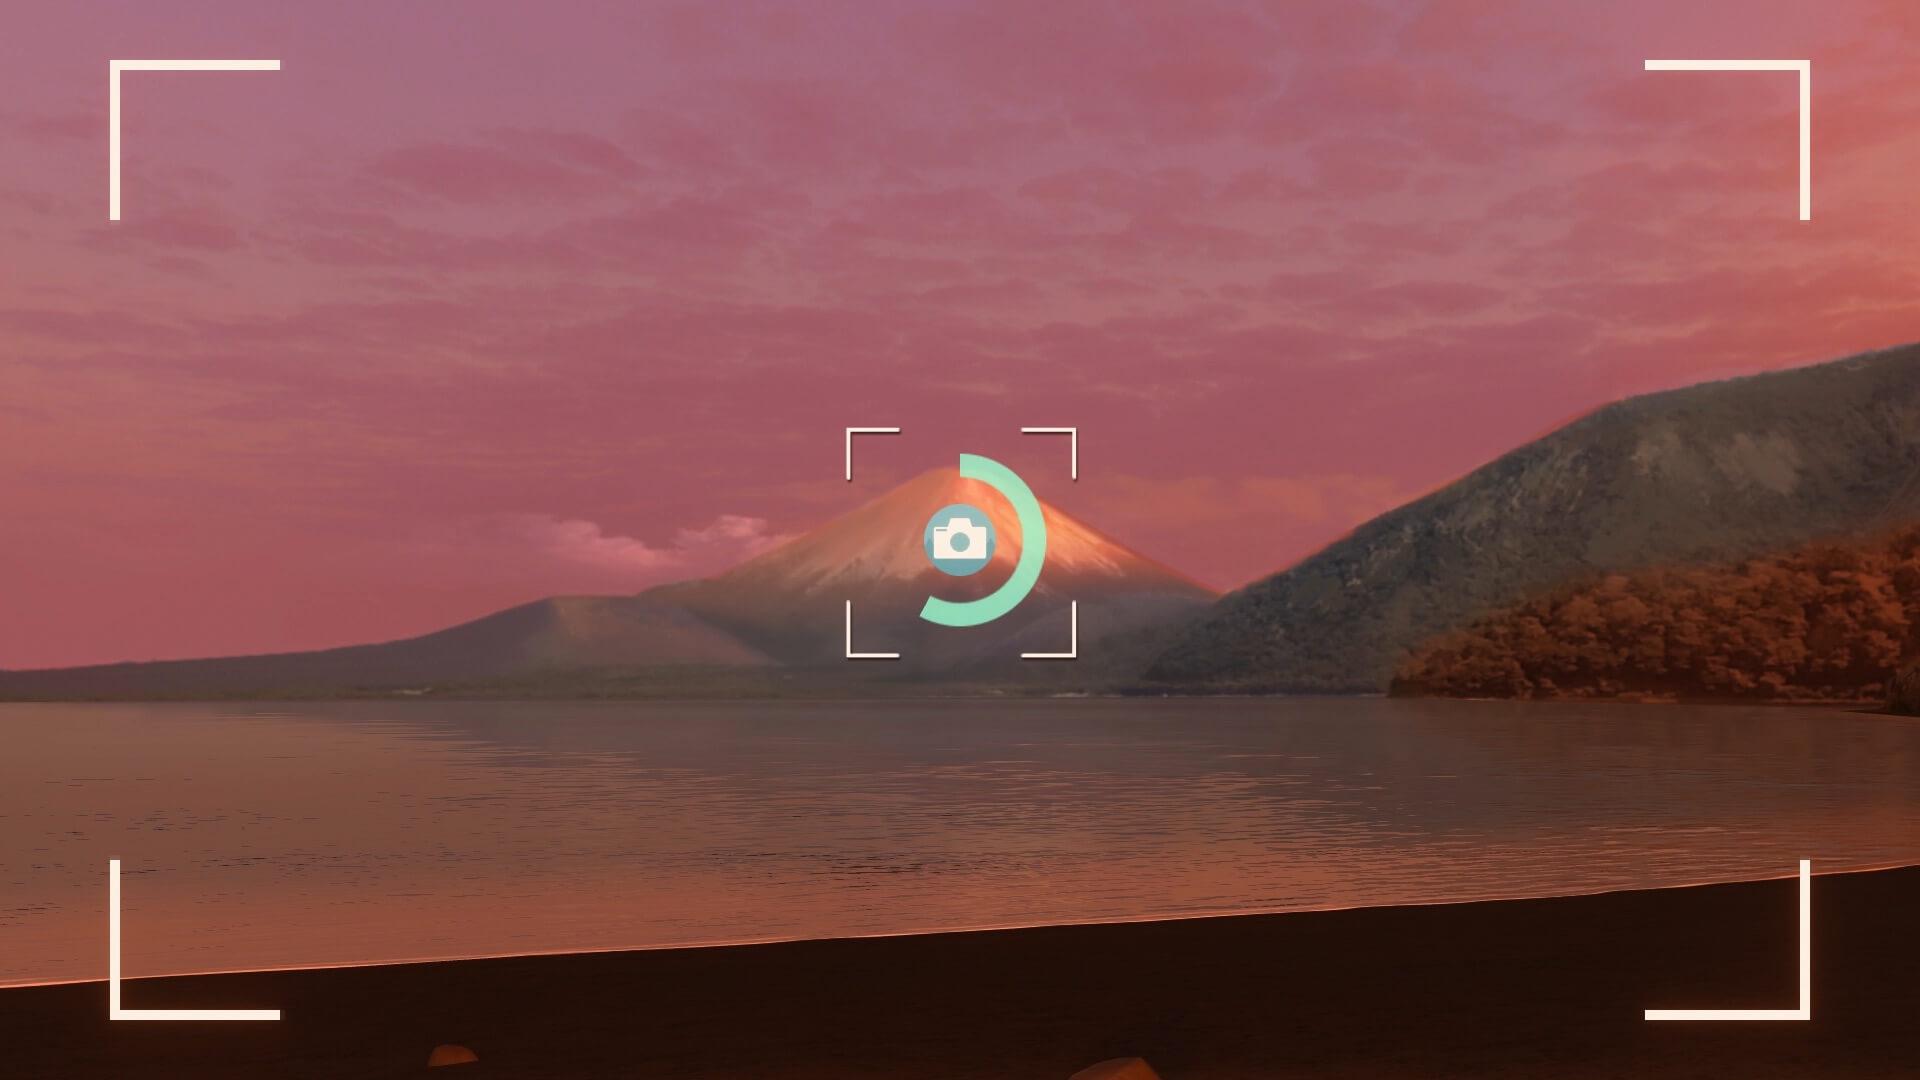 『ゆるキャン△』のリンやなでしことおうちでバーチャルキャンプが楽しめる!『ゆるキャン△ VIRTUAL CAMP』が2バージョンでリリース決定 tech20122_yurucyam_virtual_4